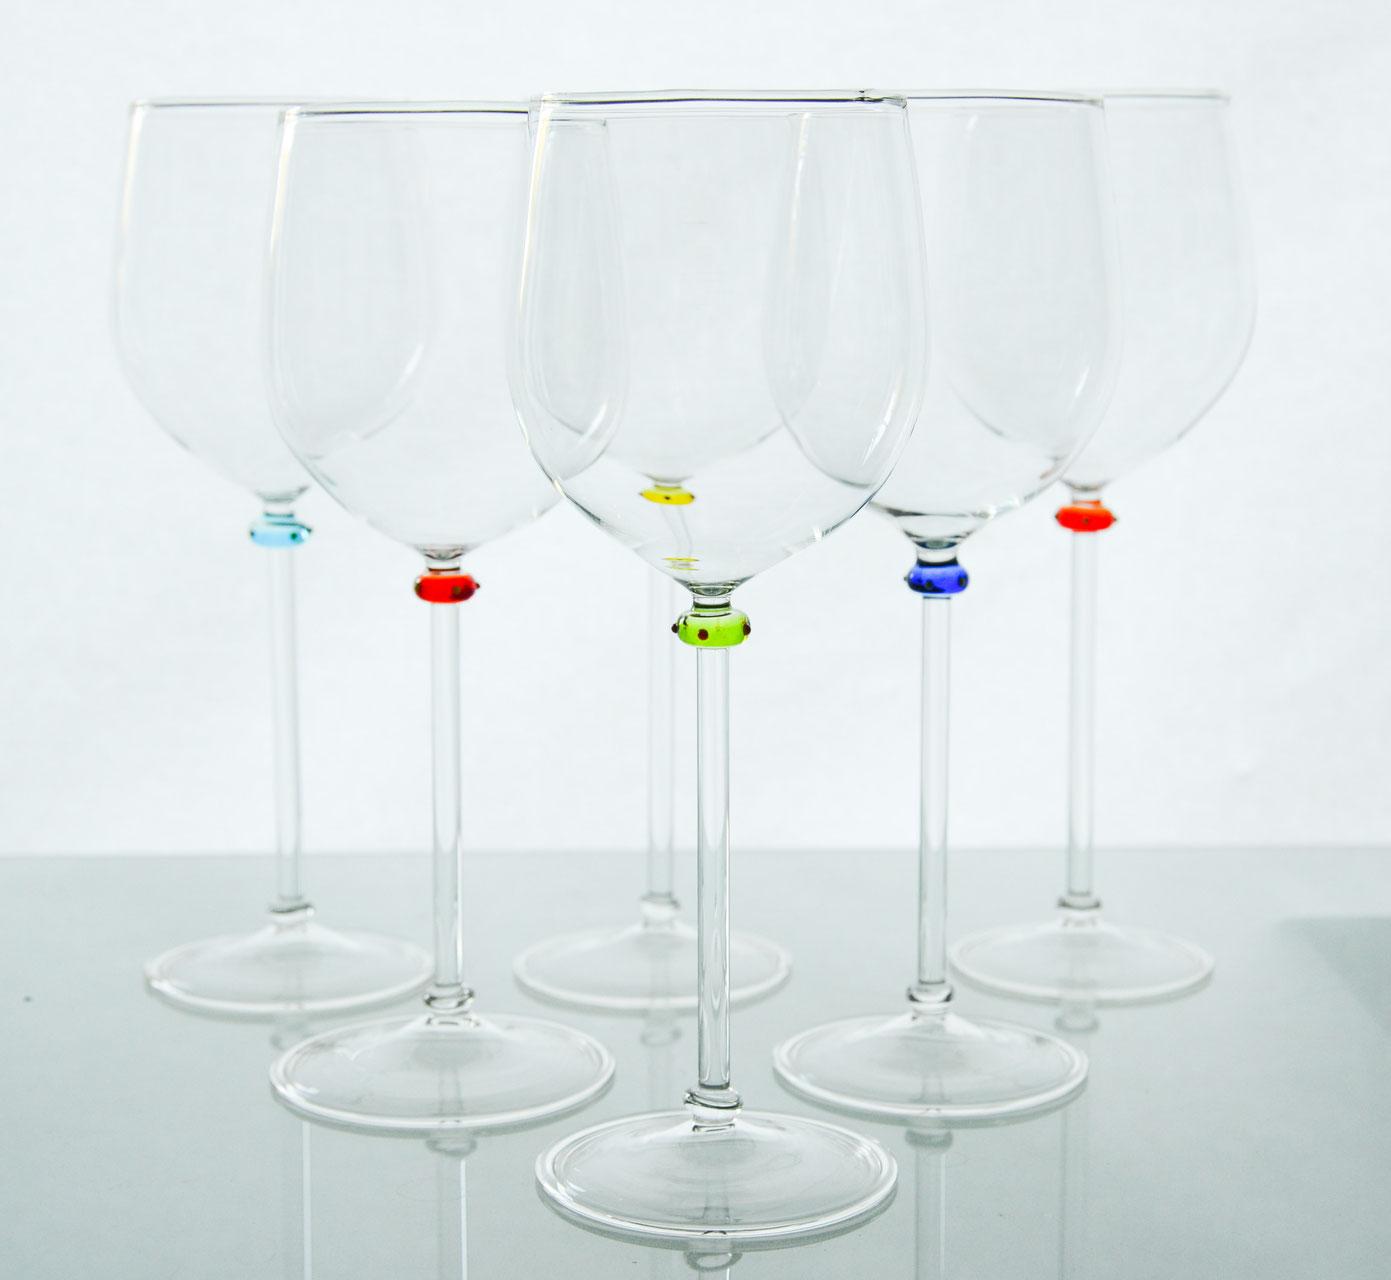 Glas Karlsruhe alles andere schwarzmüller glas borosi design karlsruhe